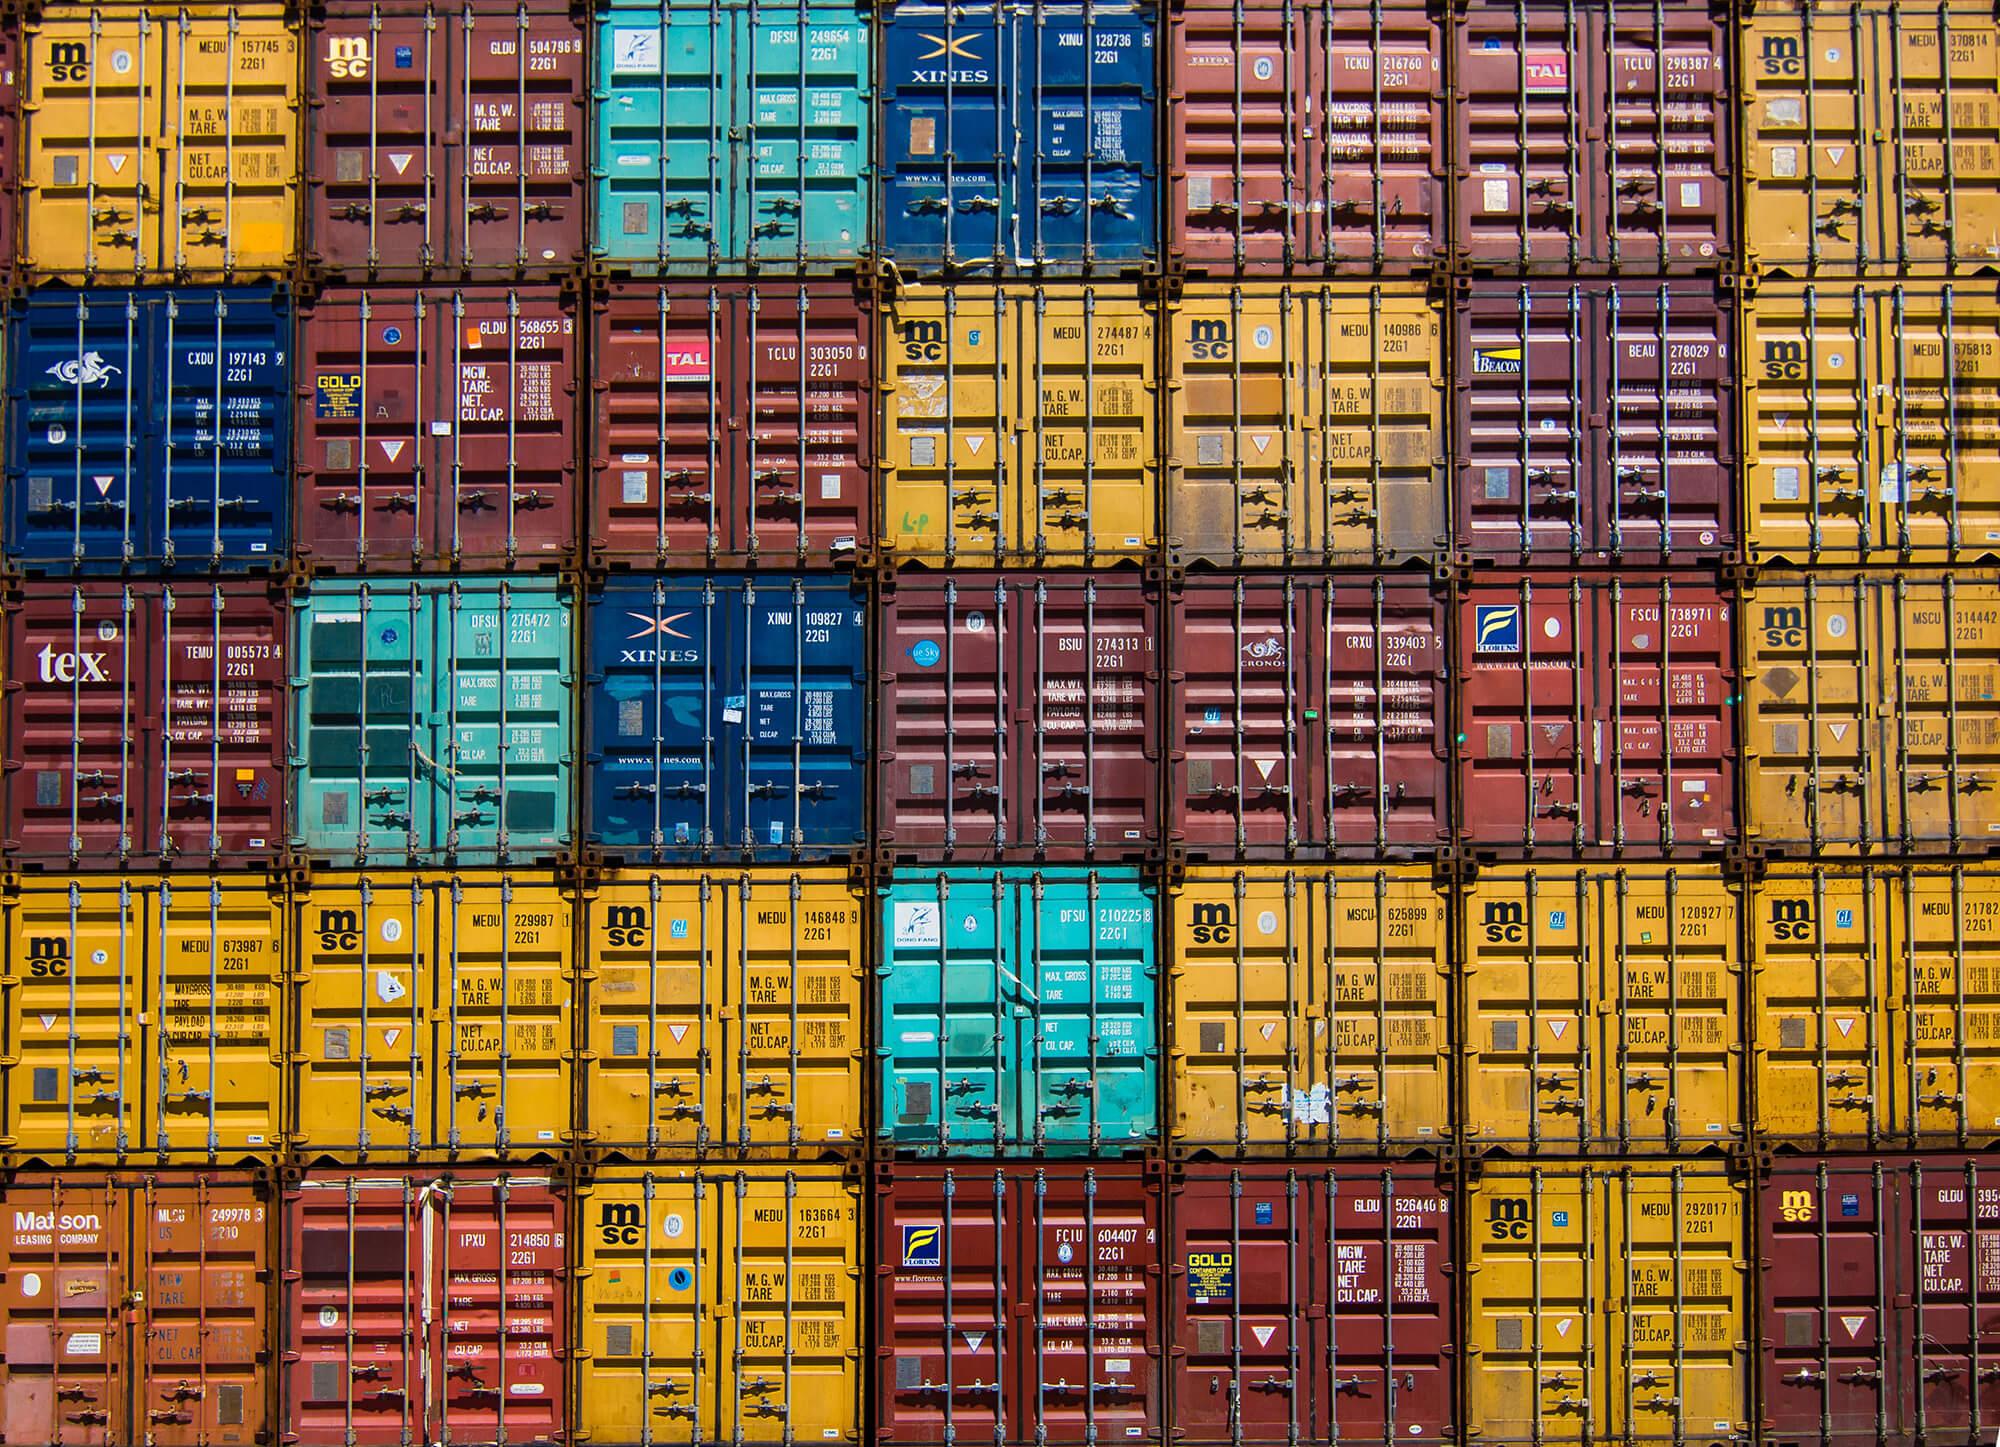 フィリピン現地企業がそっと教える!? | フィリピン輸出入ビジネスのノウハウ【後編】